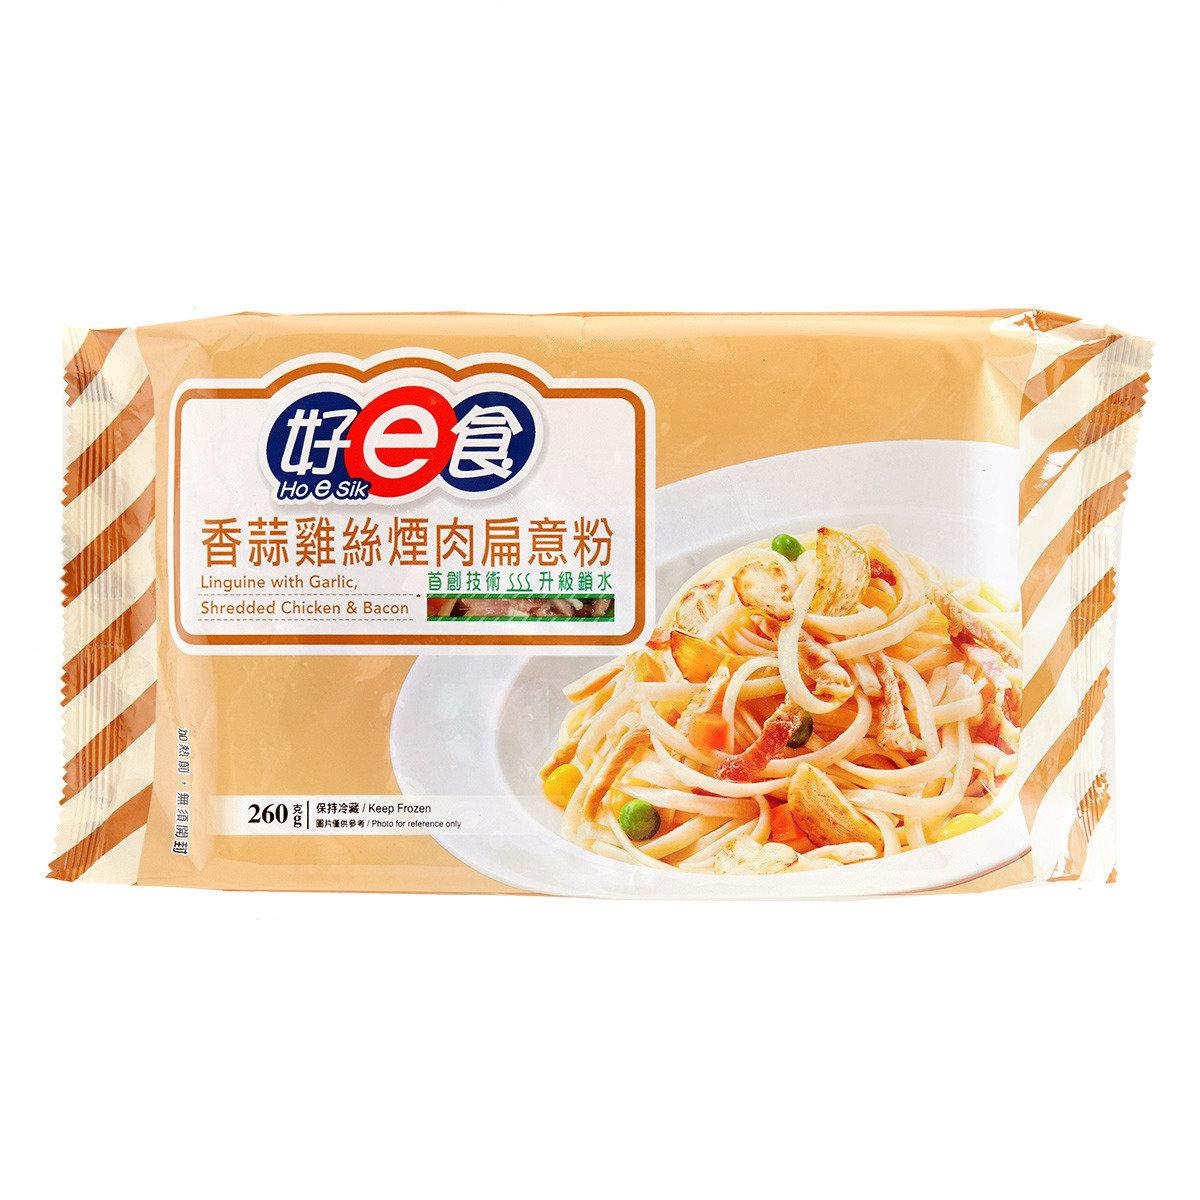 好e食 - 香蒜雞絲煙肉扁意粉 (急凍)